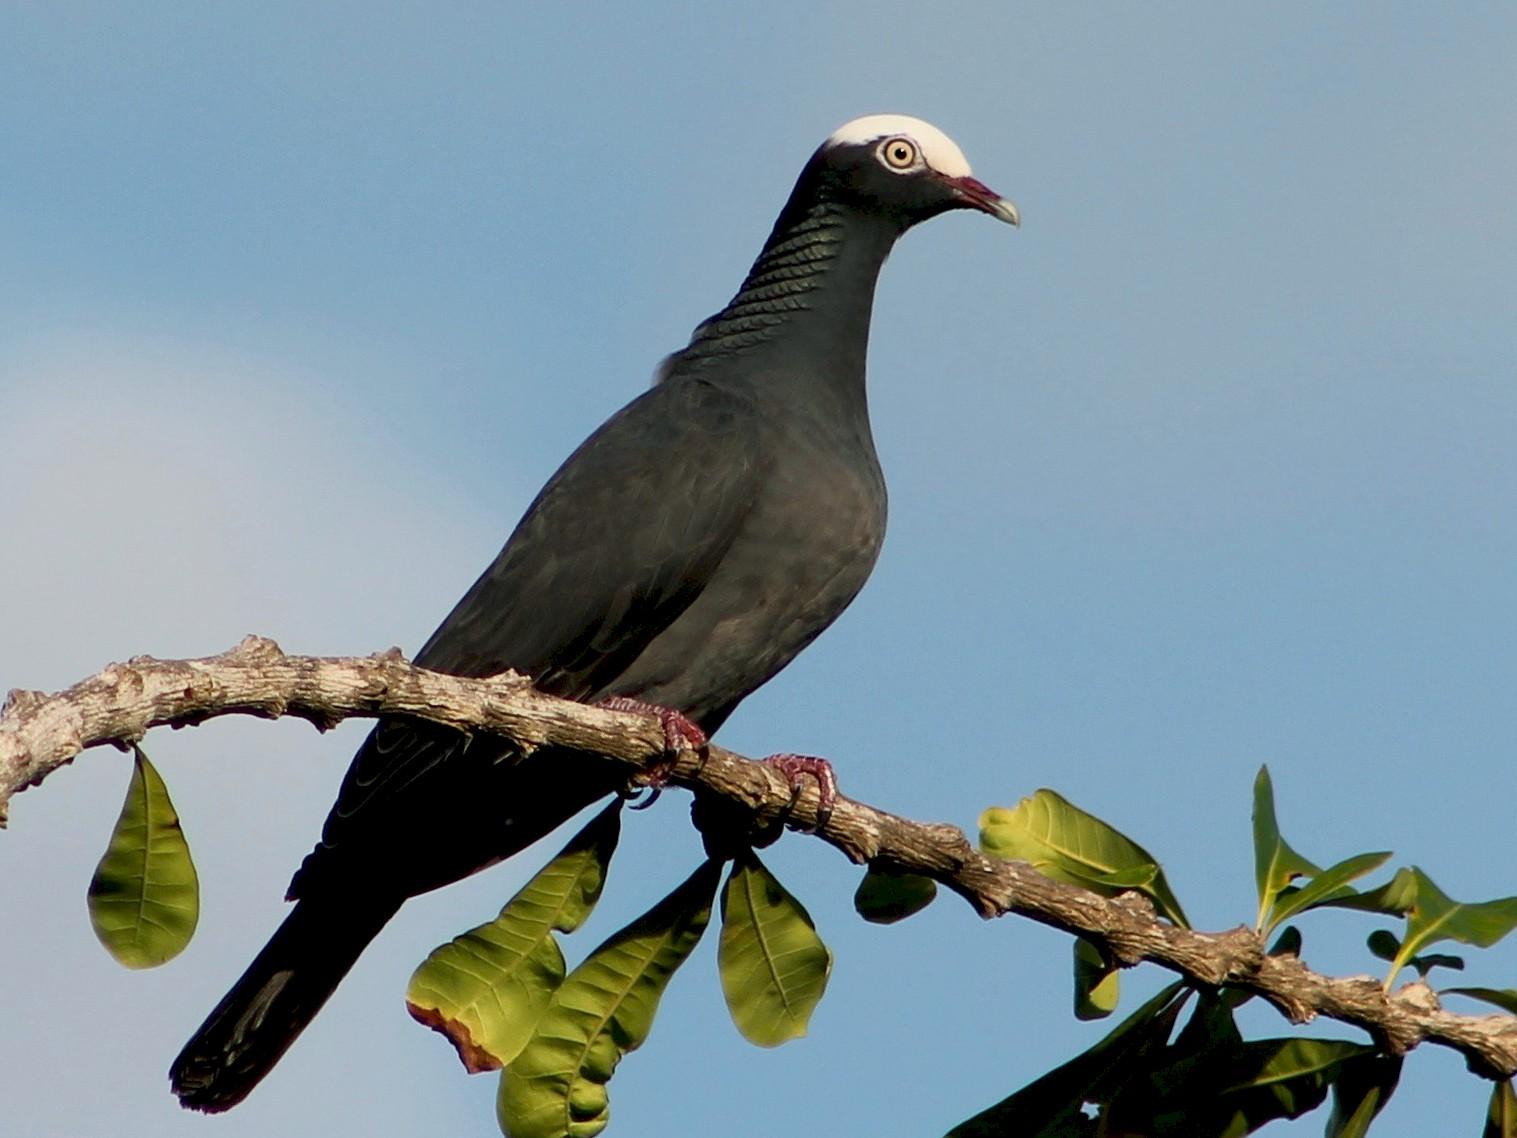 White-crowned Pigeon - Holly Kleindienst